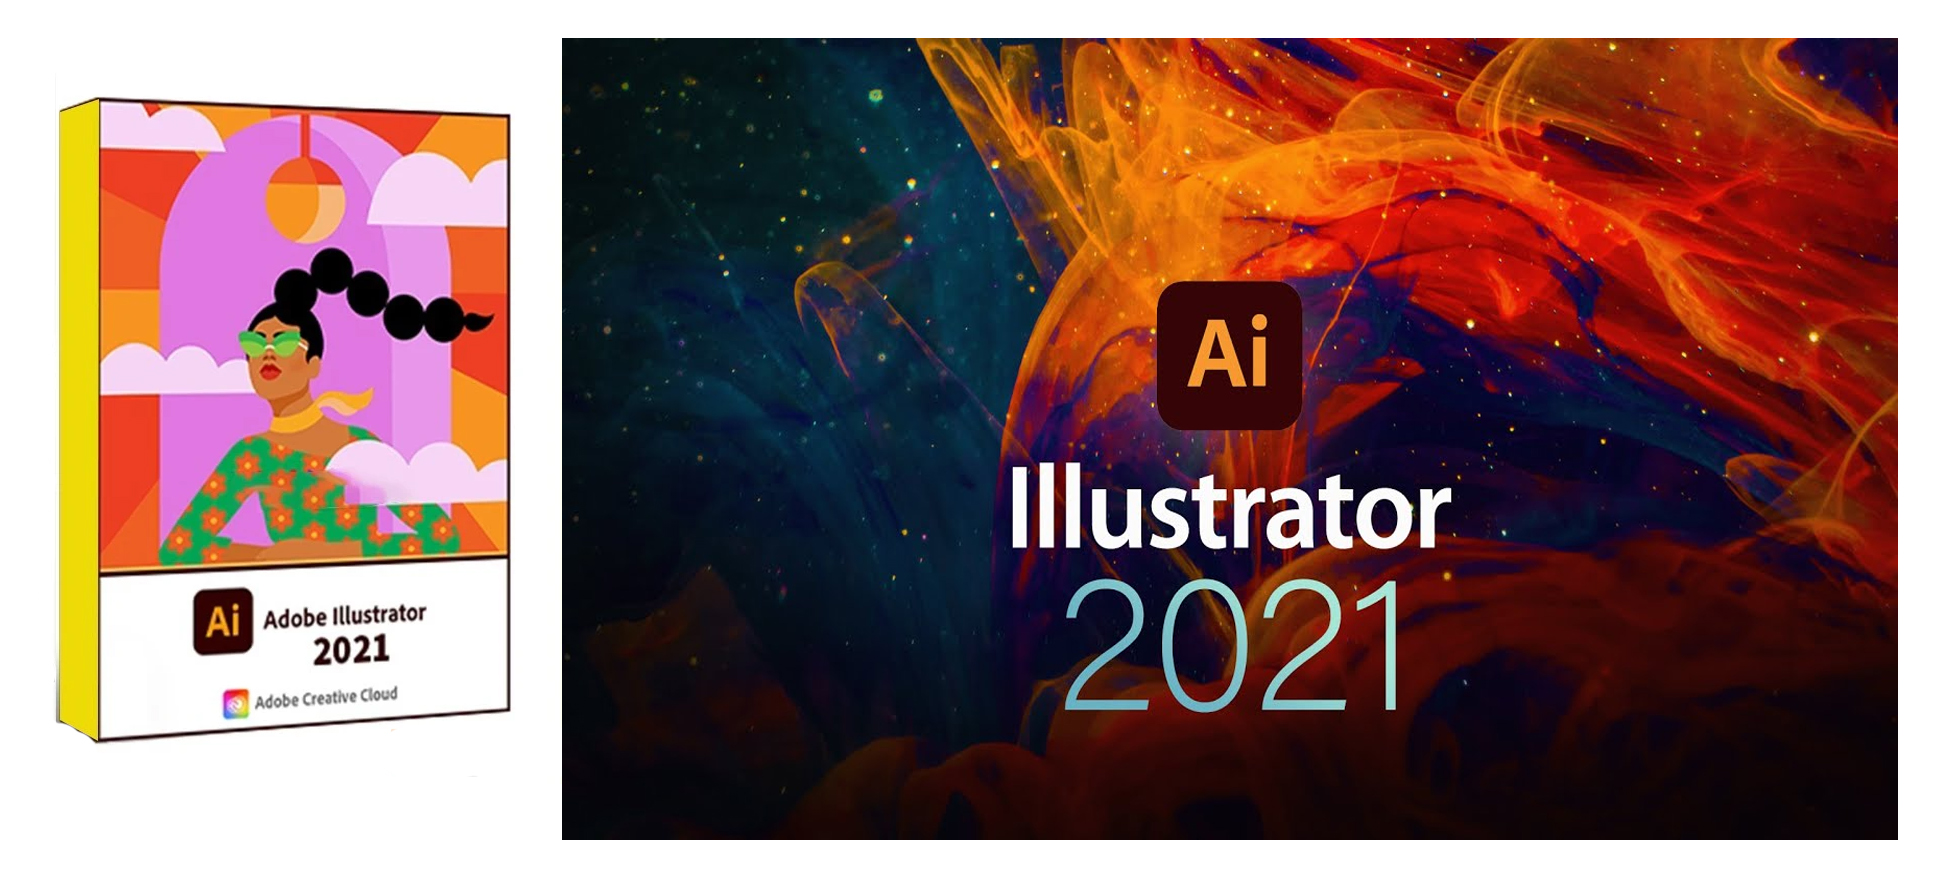 Cara Install Adobe Illustrator CC 2021 Full Version